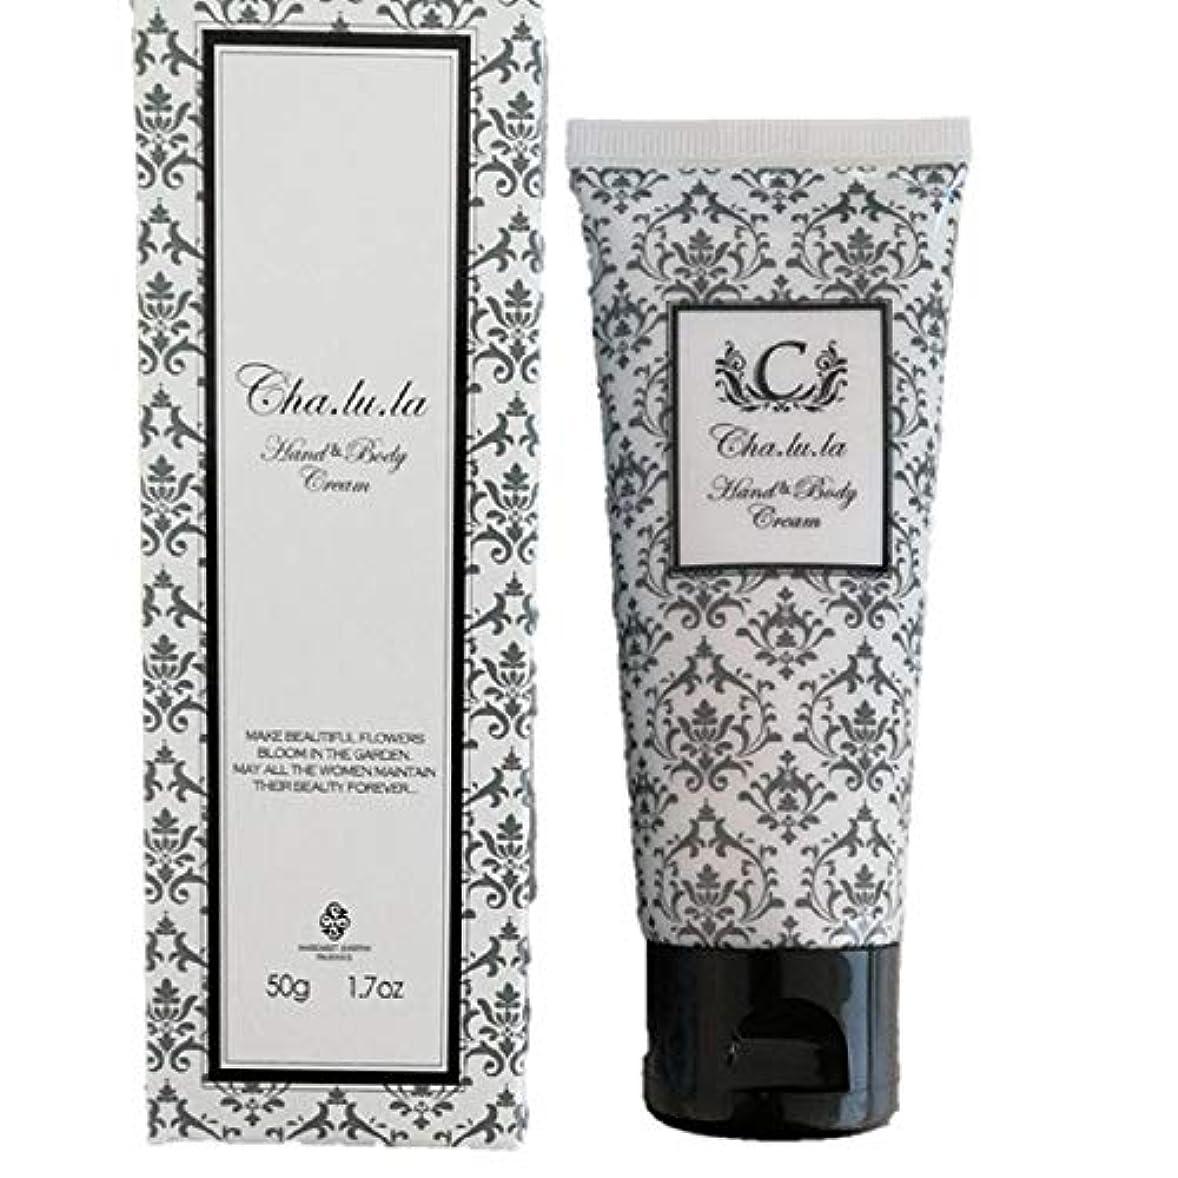 抽出ステレオタイプ氷シャルラ H&Bクリーム ノーブルブロッサムの香り ハンド&ボディークリーム 50g